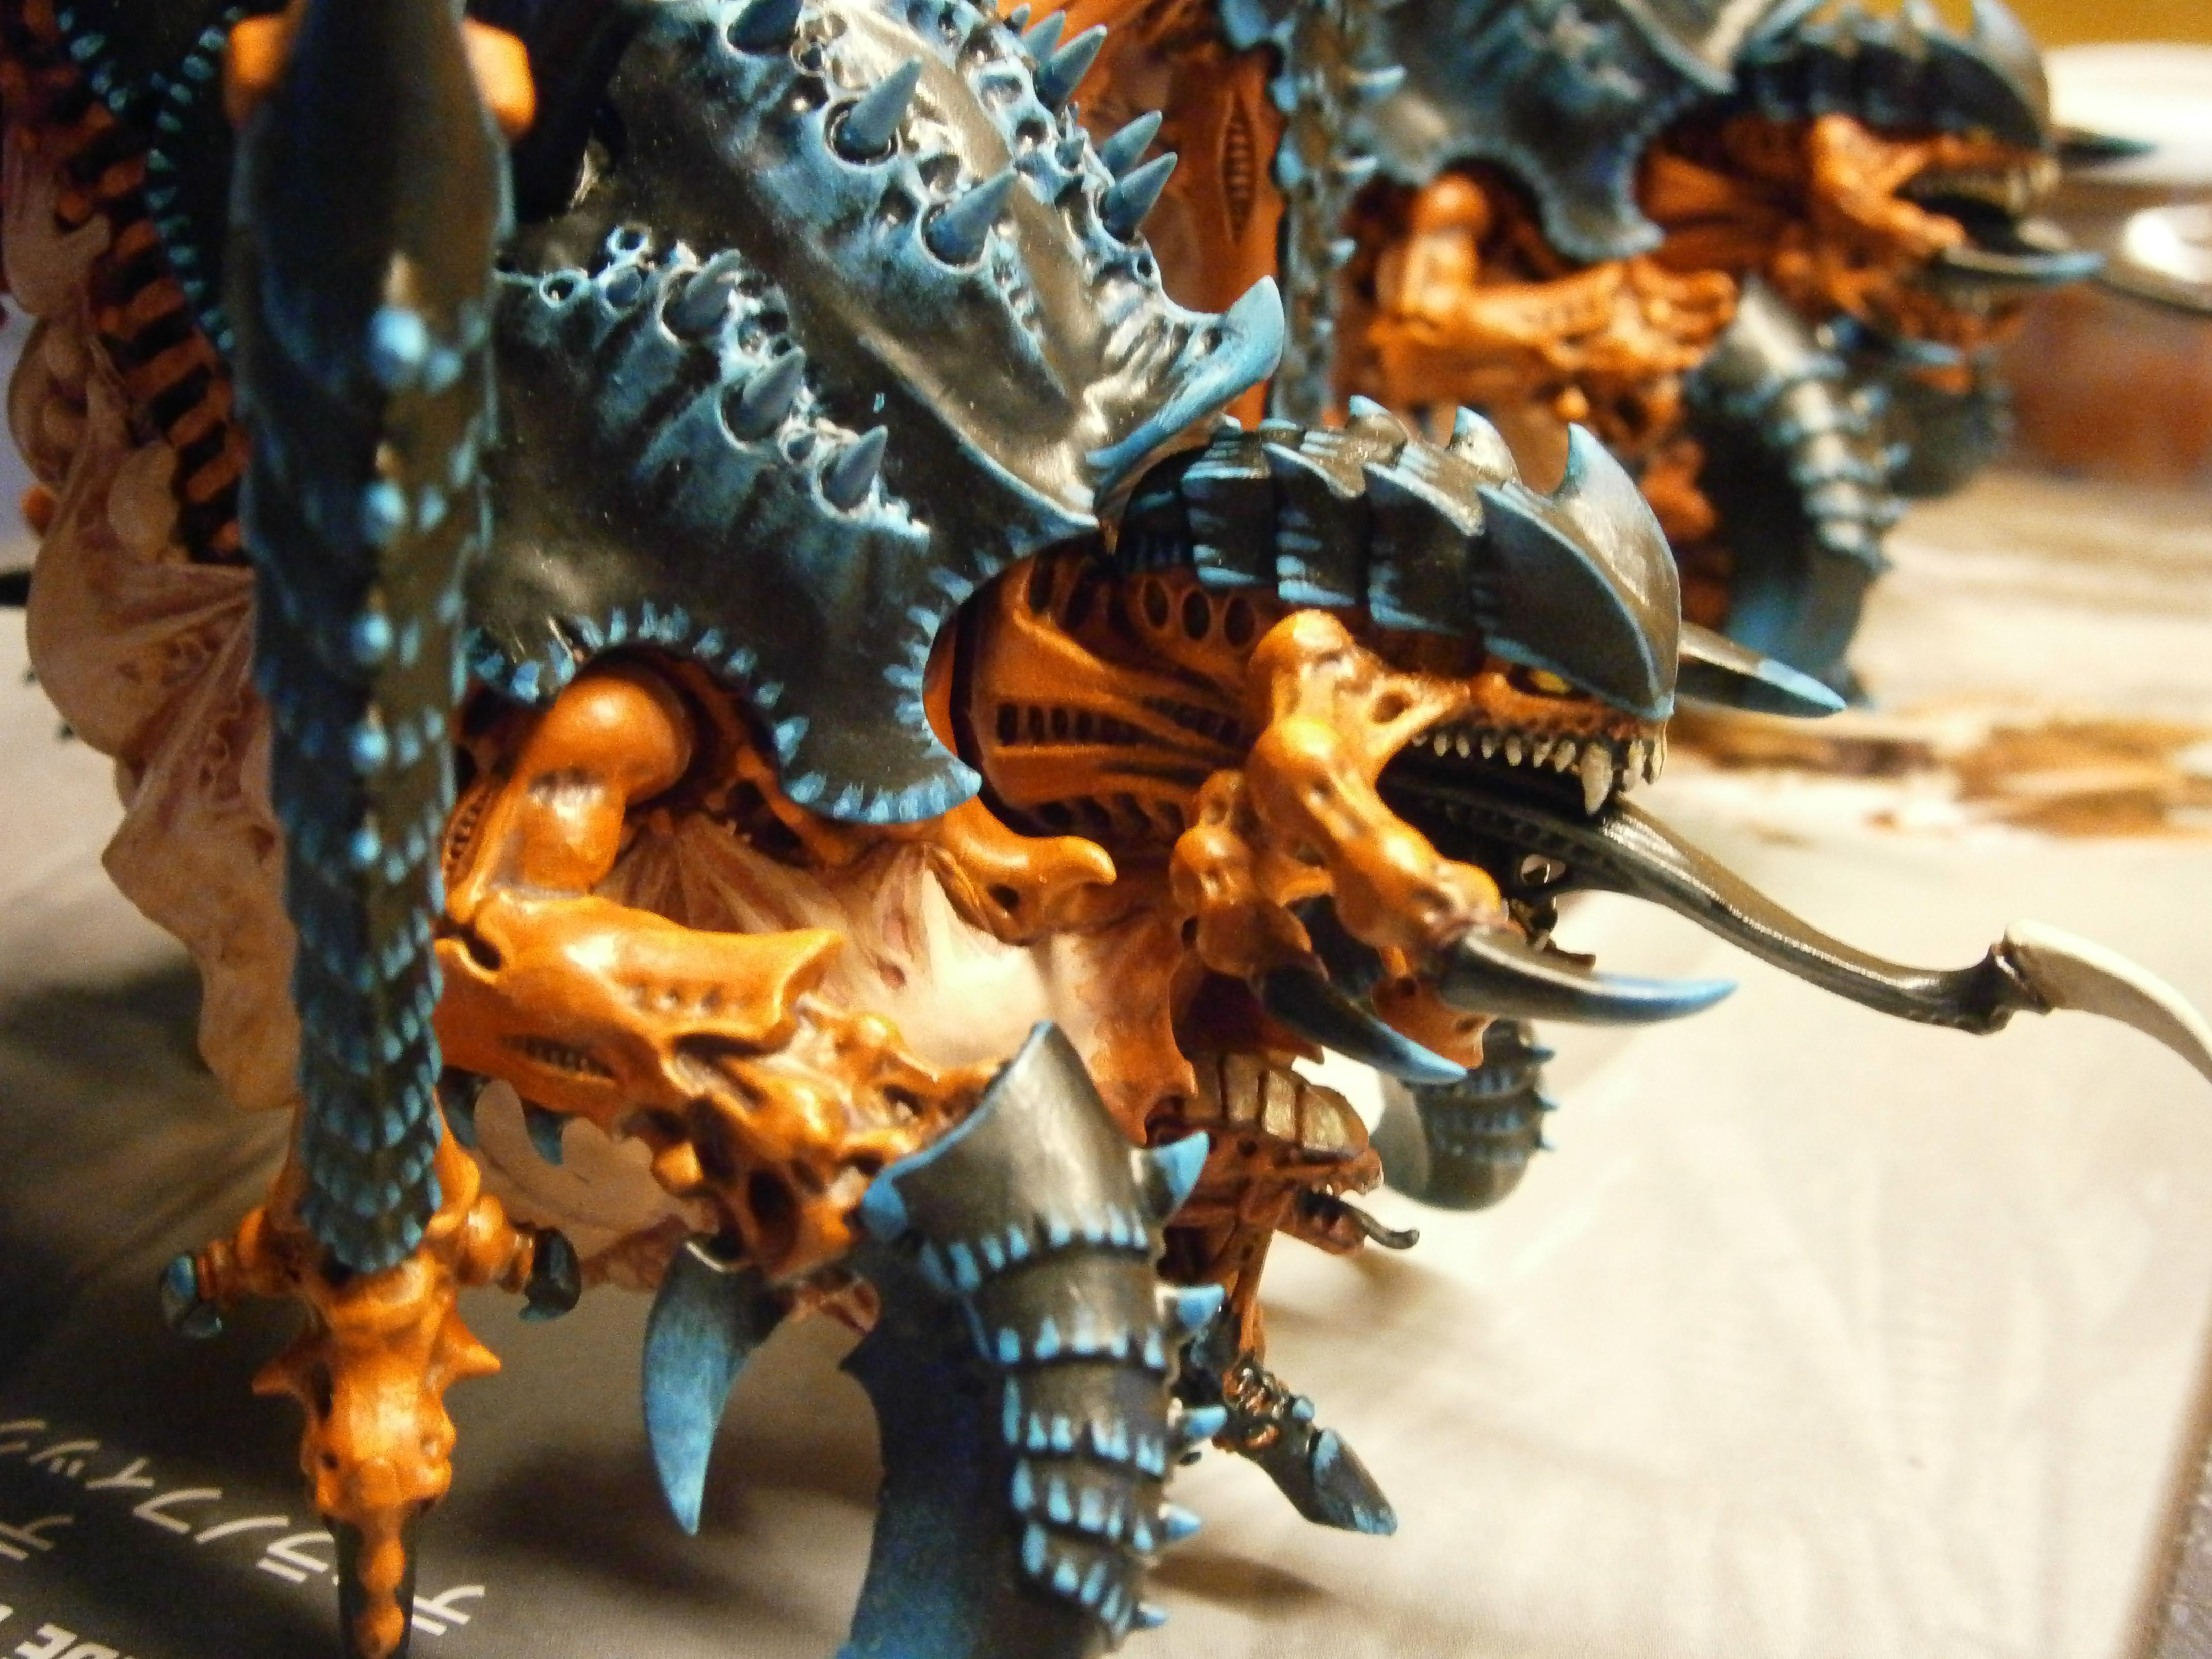 Behemoth, Tervigon, Tyranids